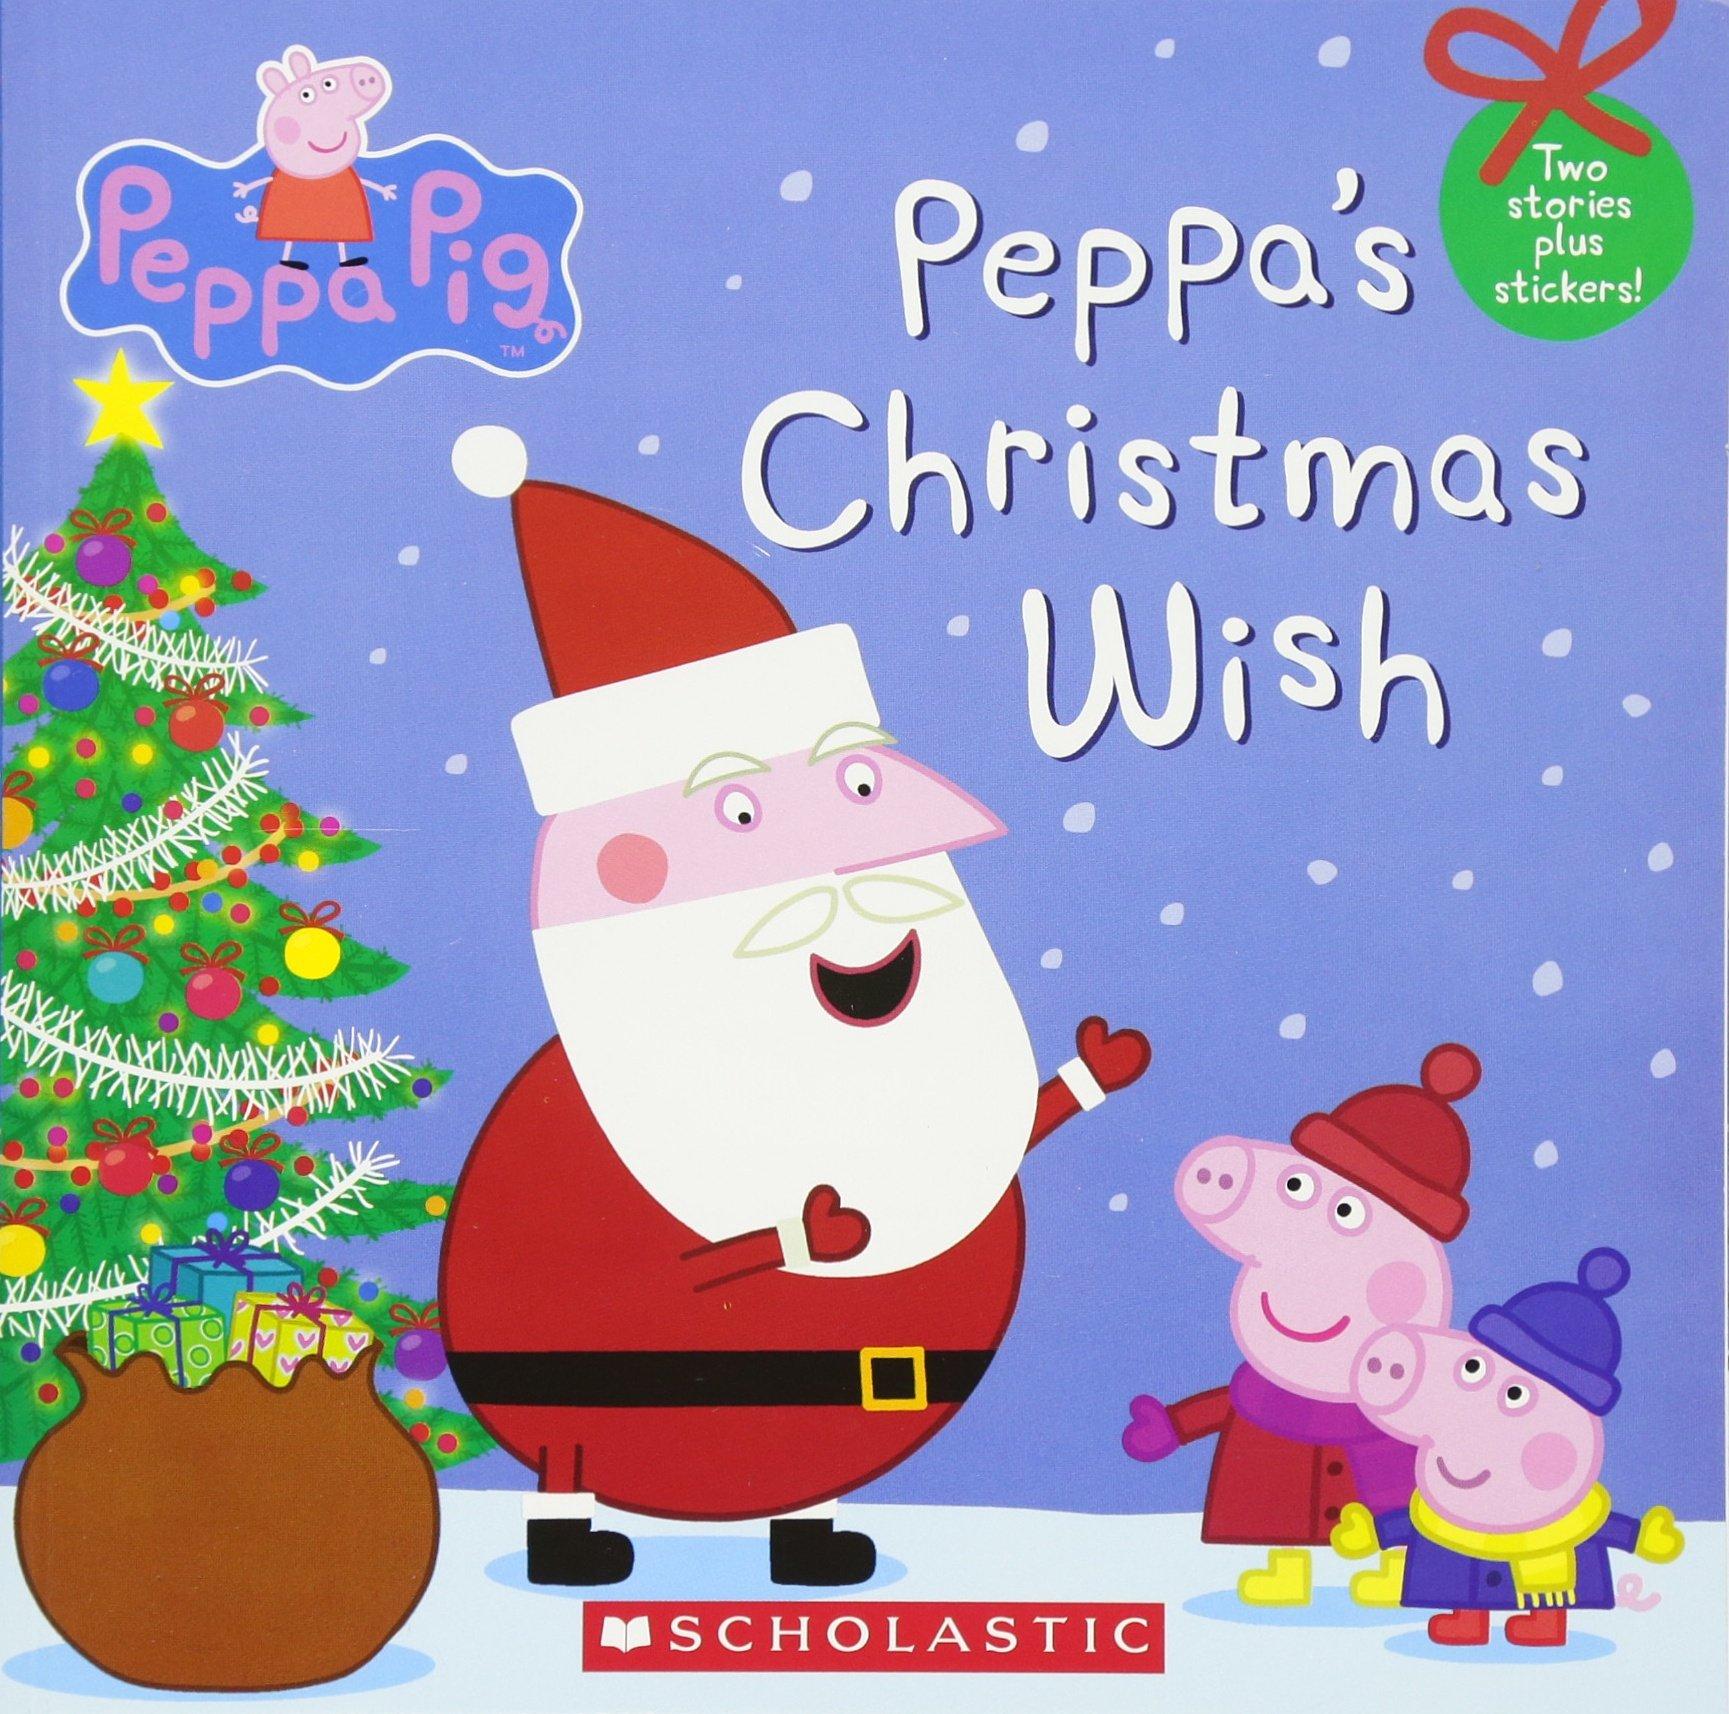 peppa pig videos christmas